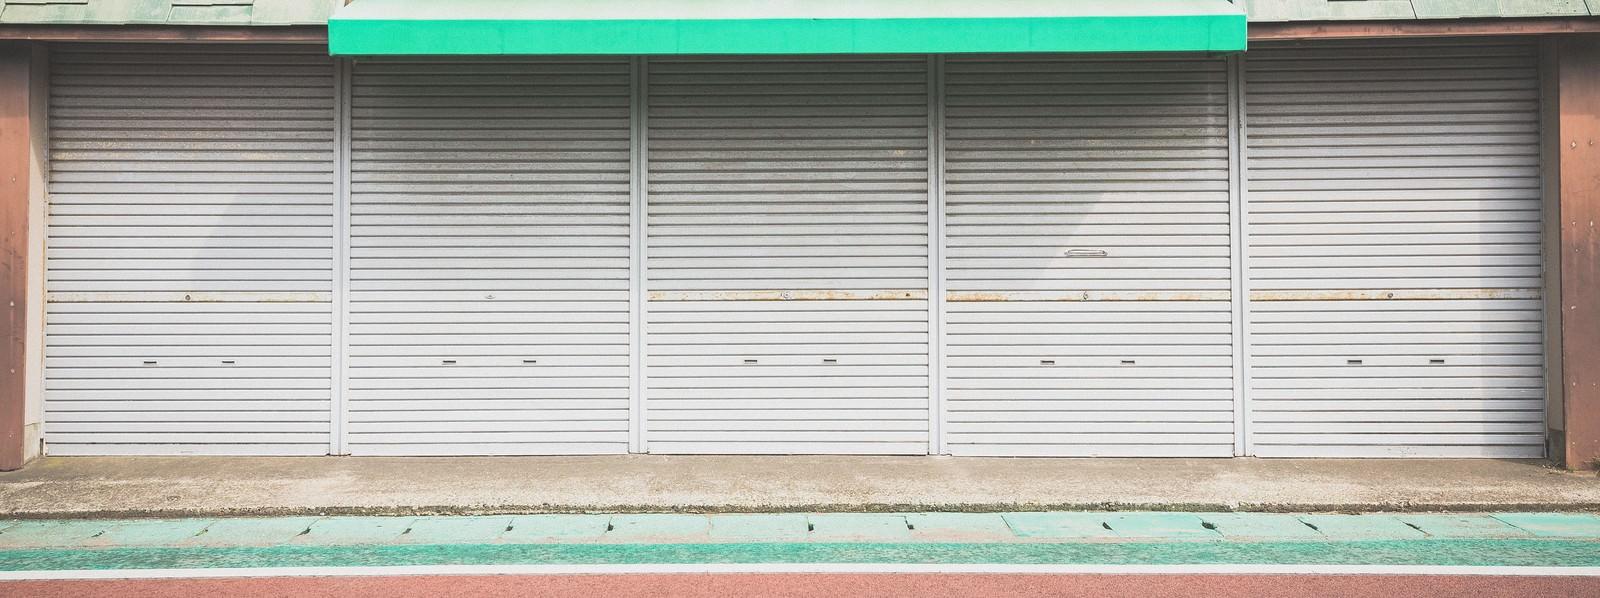 「シャッターが閉まったお店」の写真